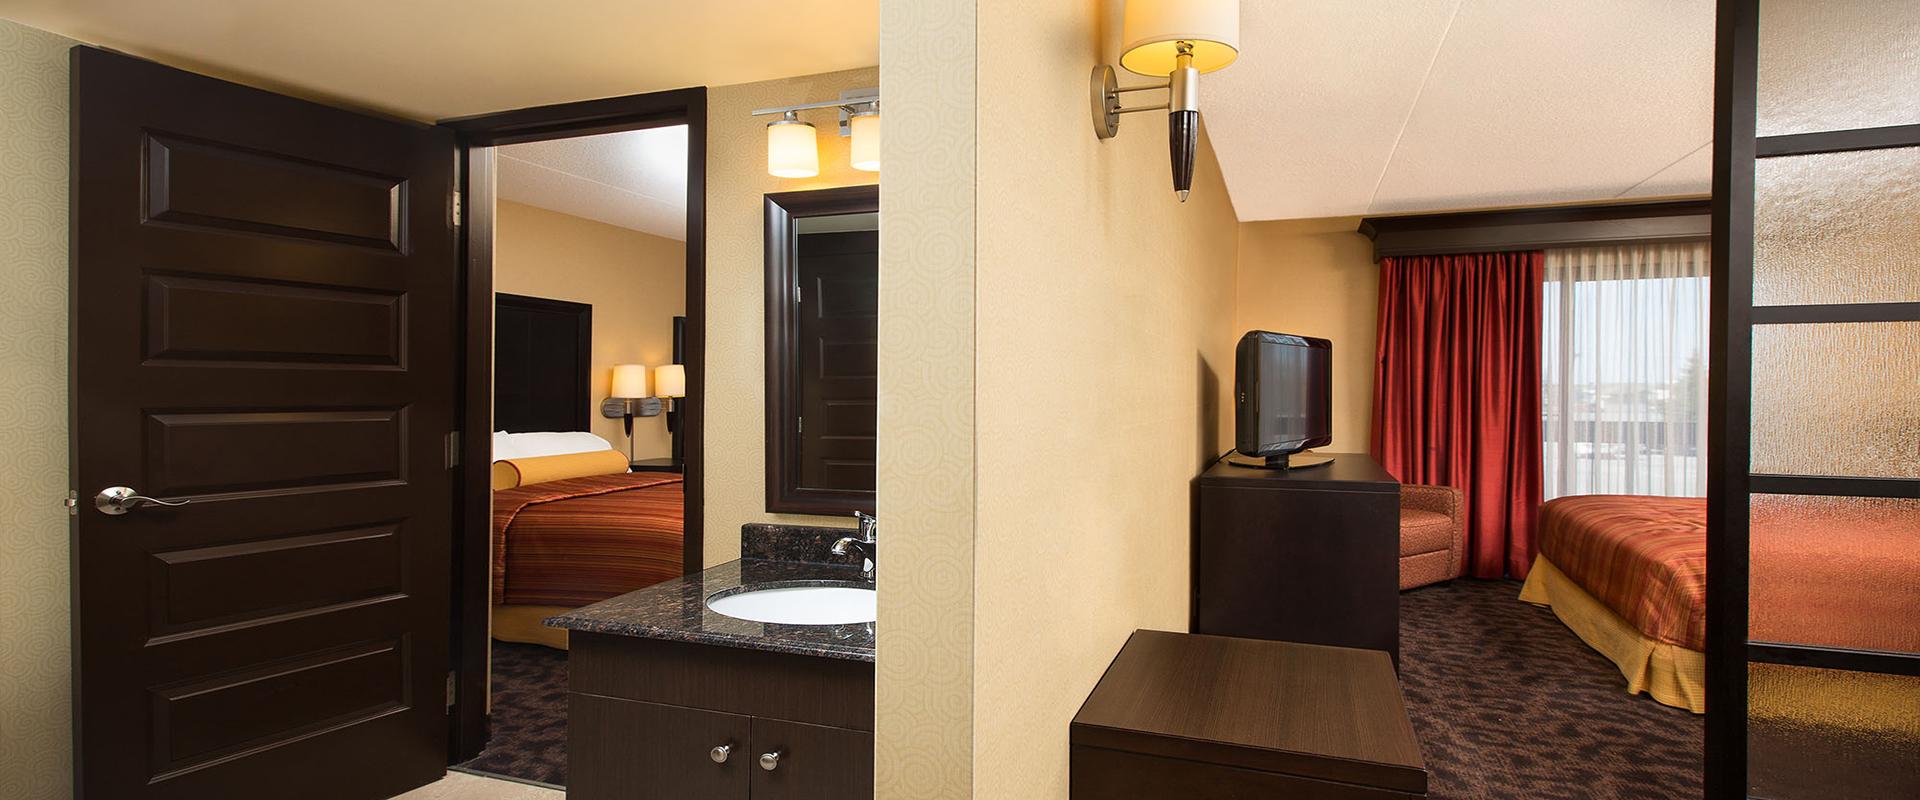 Rooms-Slider-3